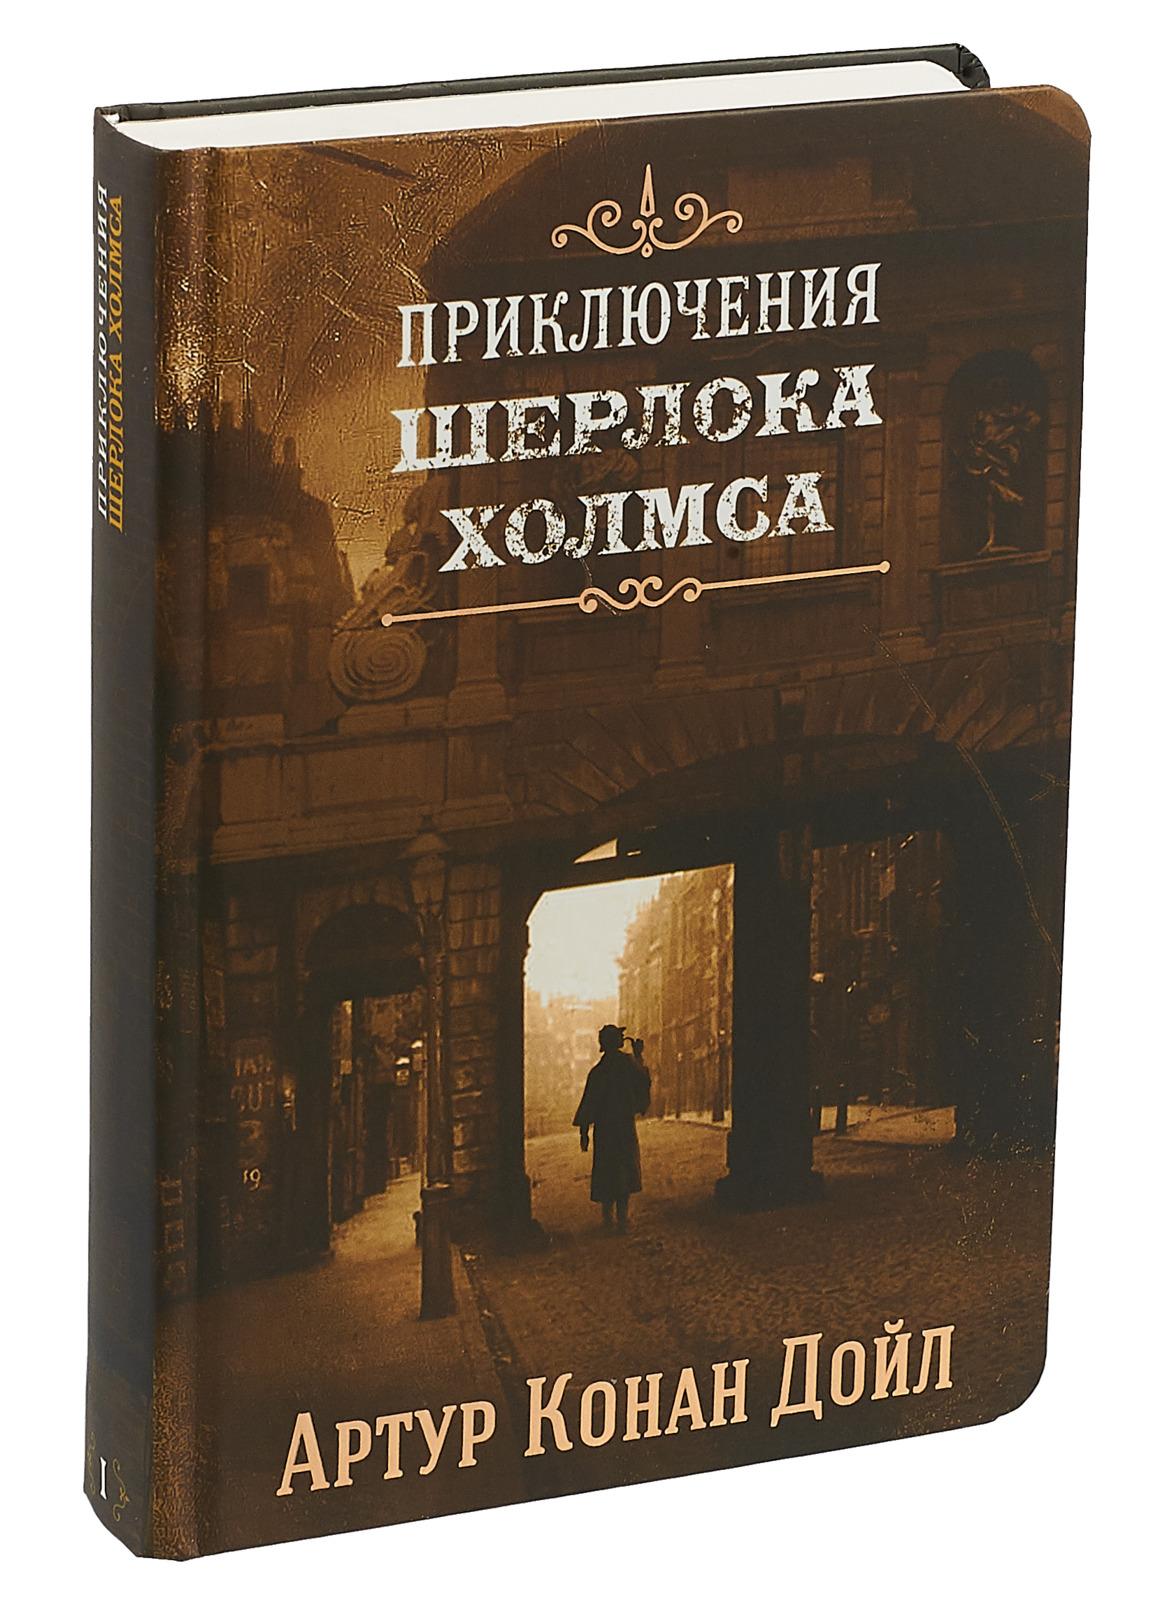 фото шерлока холмса из книги закуски снеки разряда